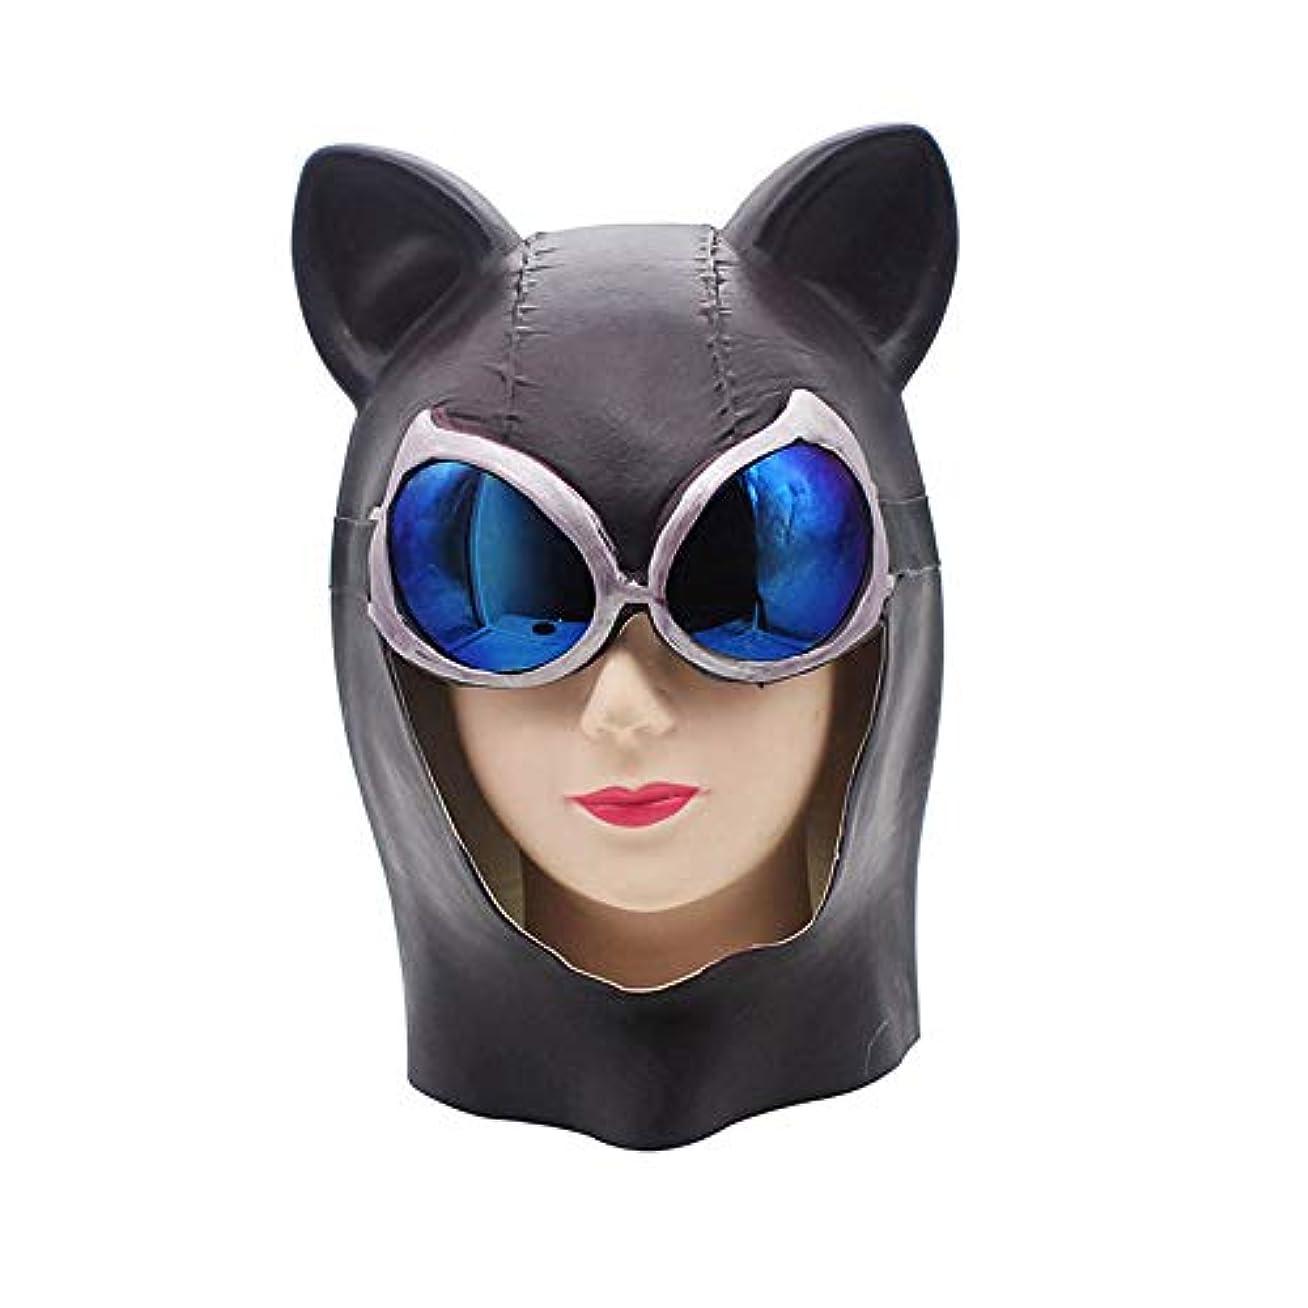 ジョージエリオット主観的農民ハロウィンホラーマスクセクシーな猫女性の顔ホーンホーンフォックスマスクビデオバットマンヘッドギア猫のフェイスマスク